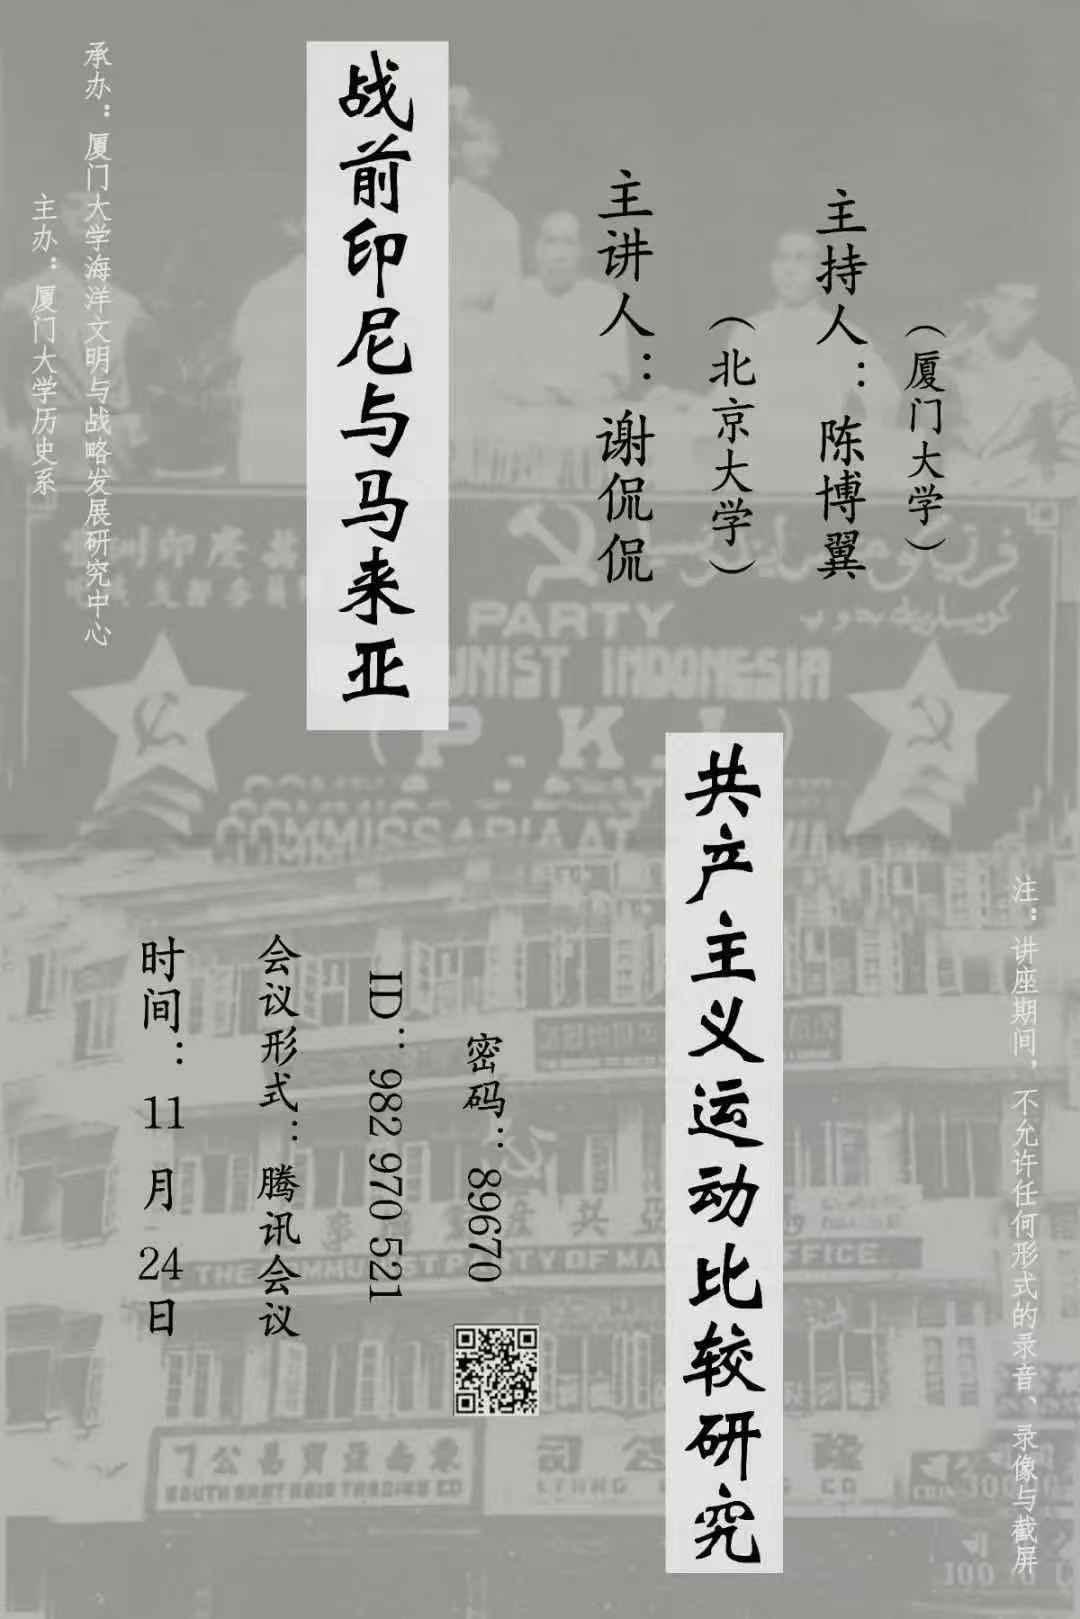 讲座|谢侃侃:战前印尼和马来亚共产主义运动的比较研究